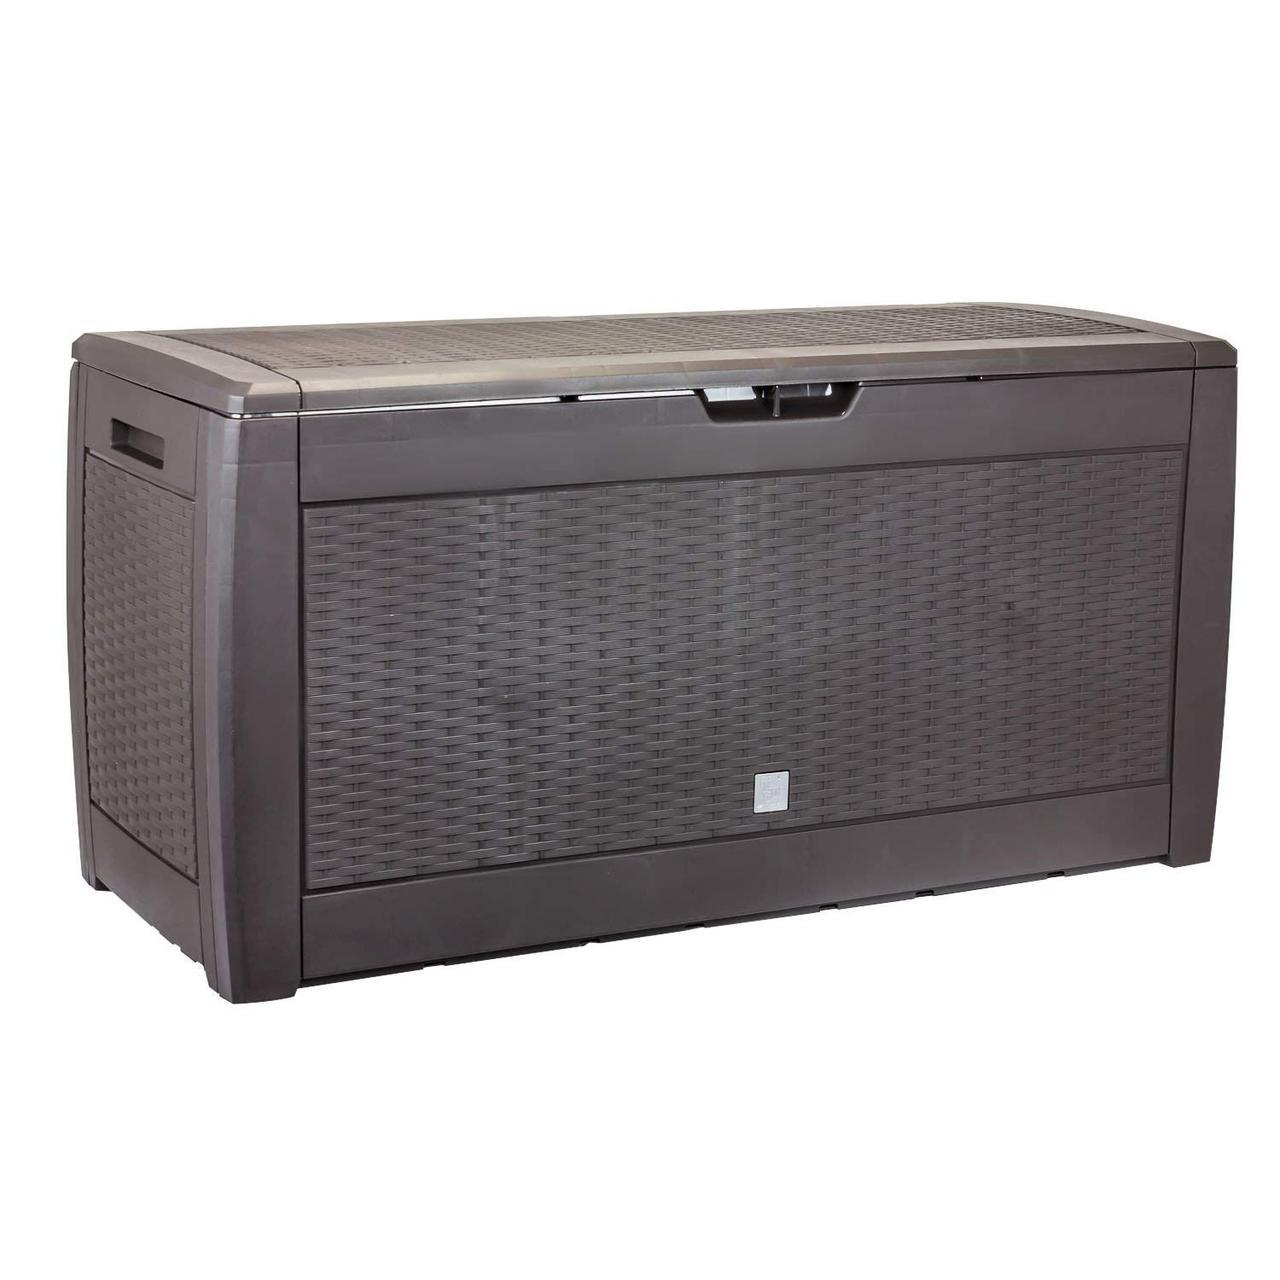 Комод Prosperplast BOXE RATO 310 л, коричневый (5905197098401)